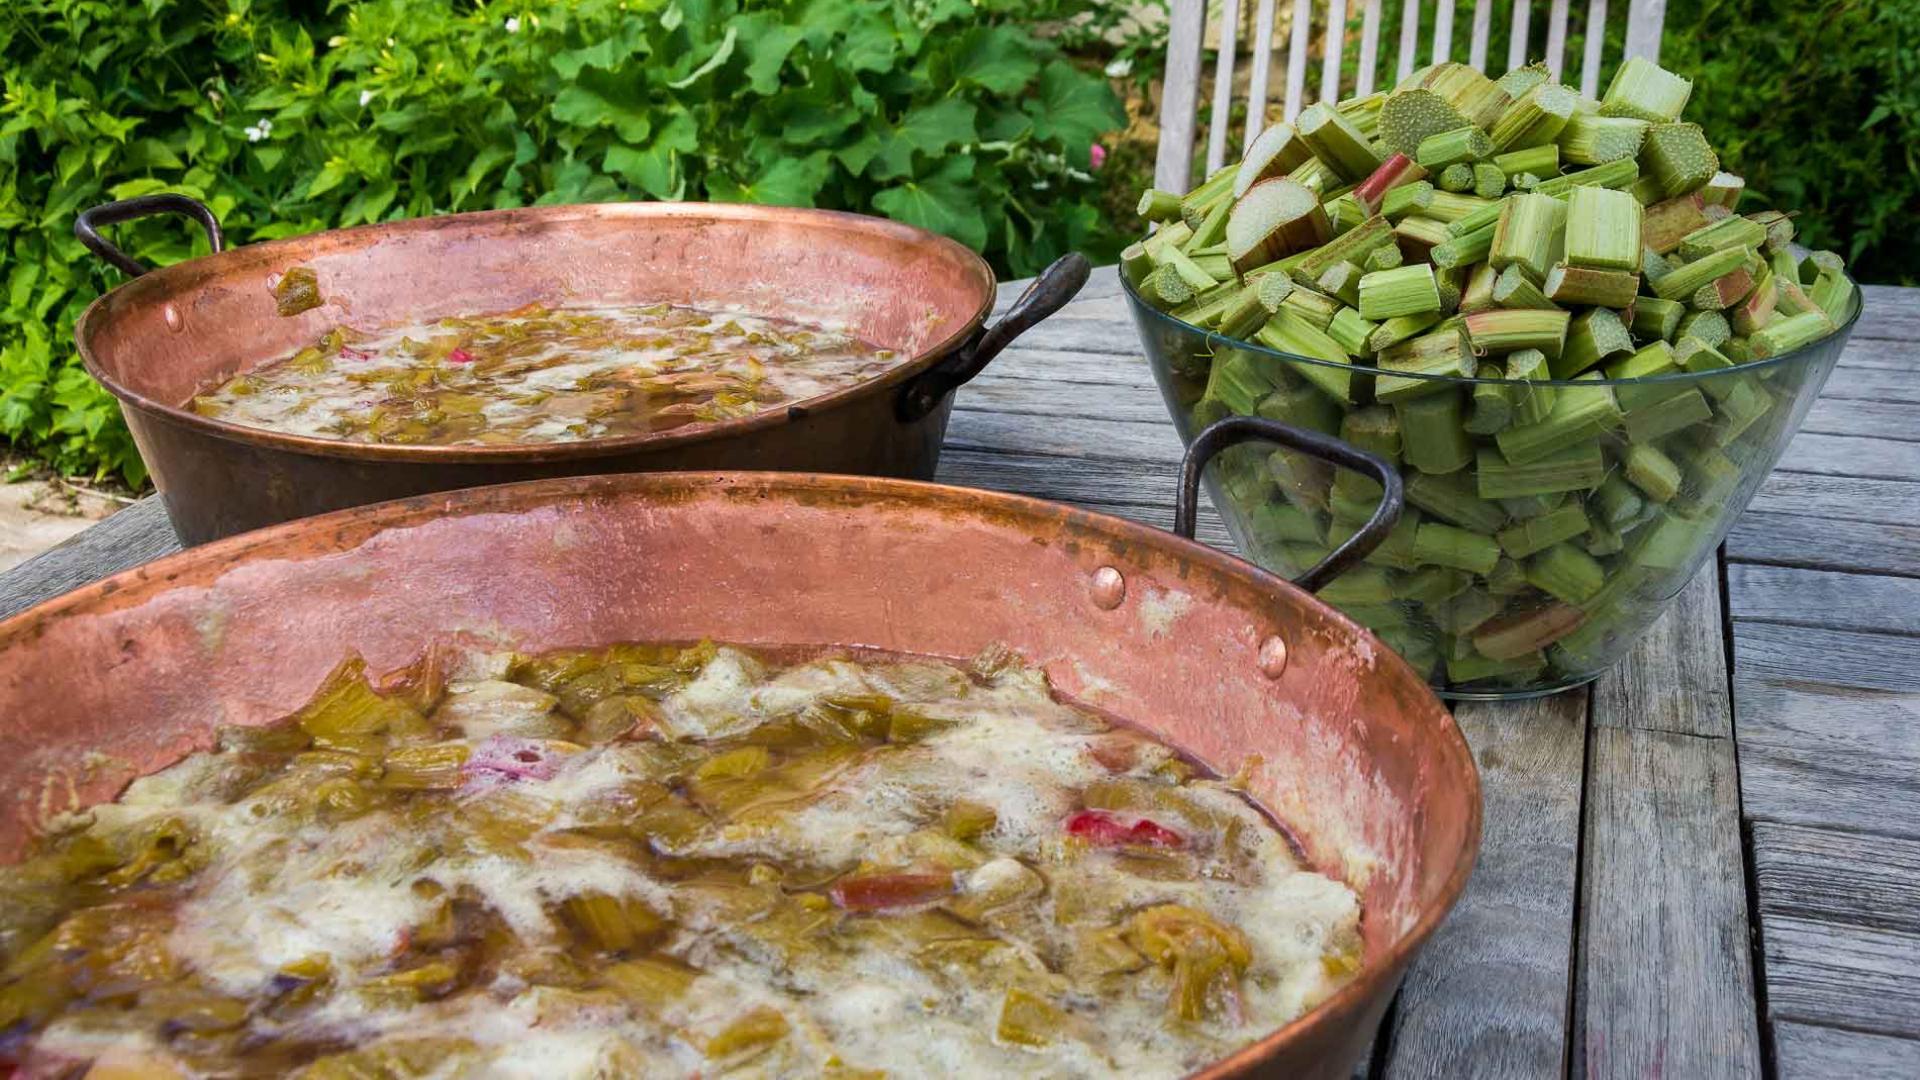 Confection de confiture à la Rubarbe à Balade au Jardin d'Epineu-le-Chevreuil